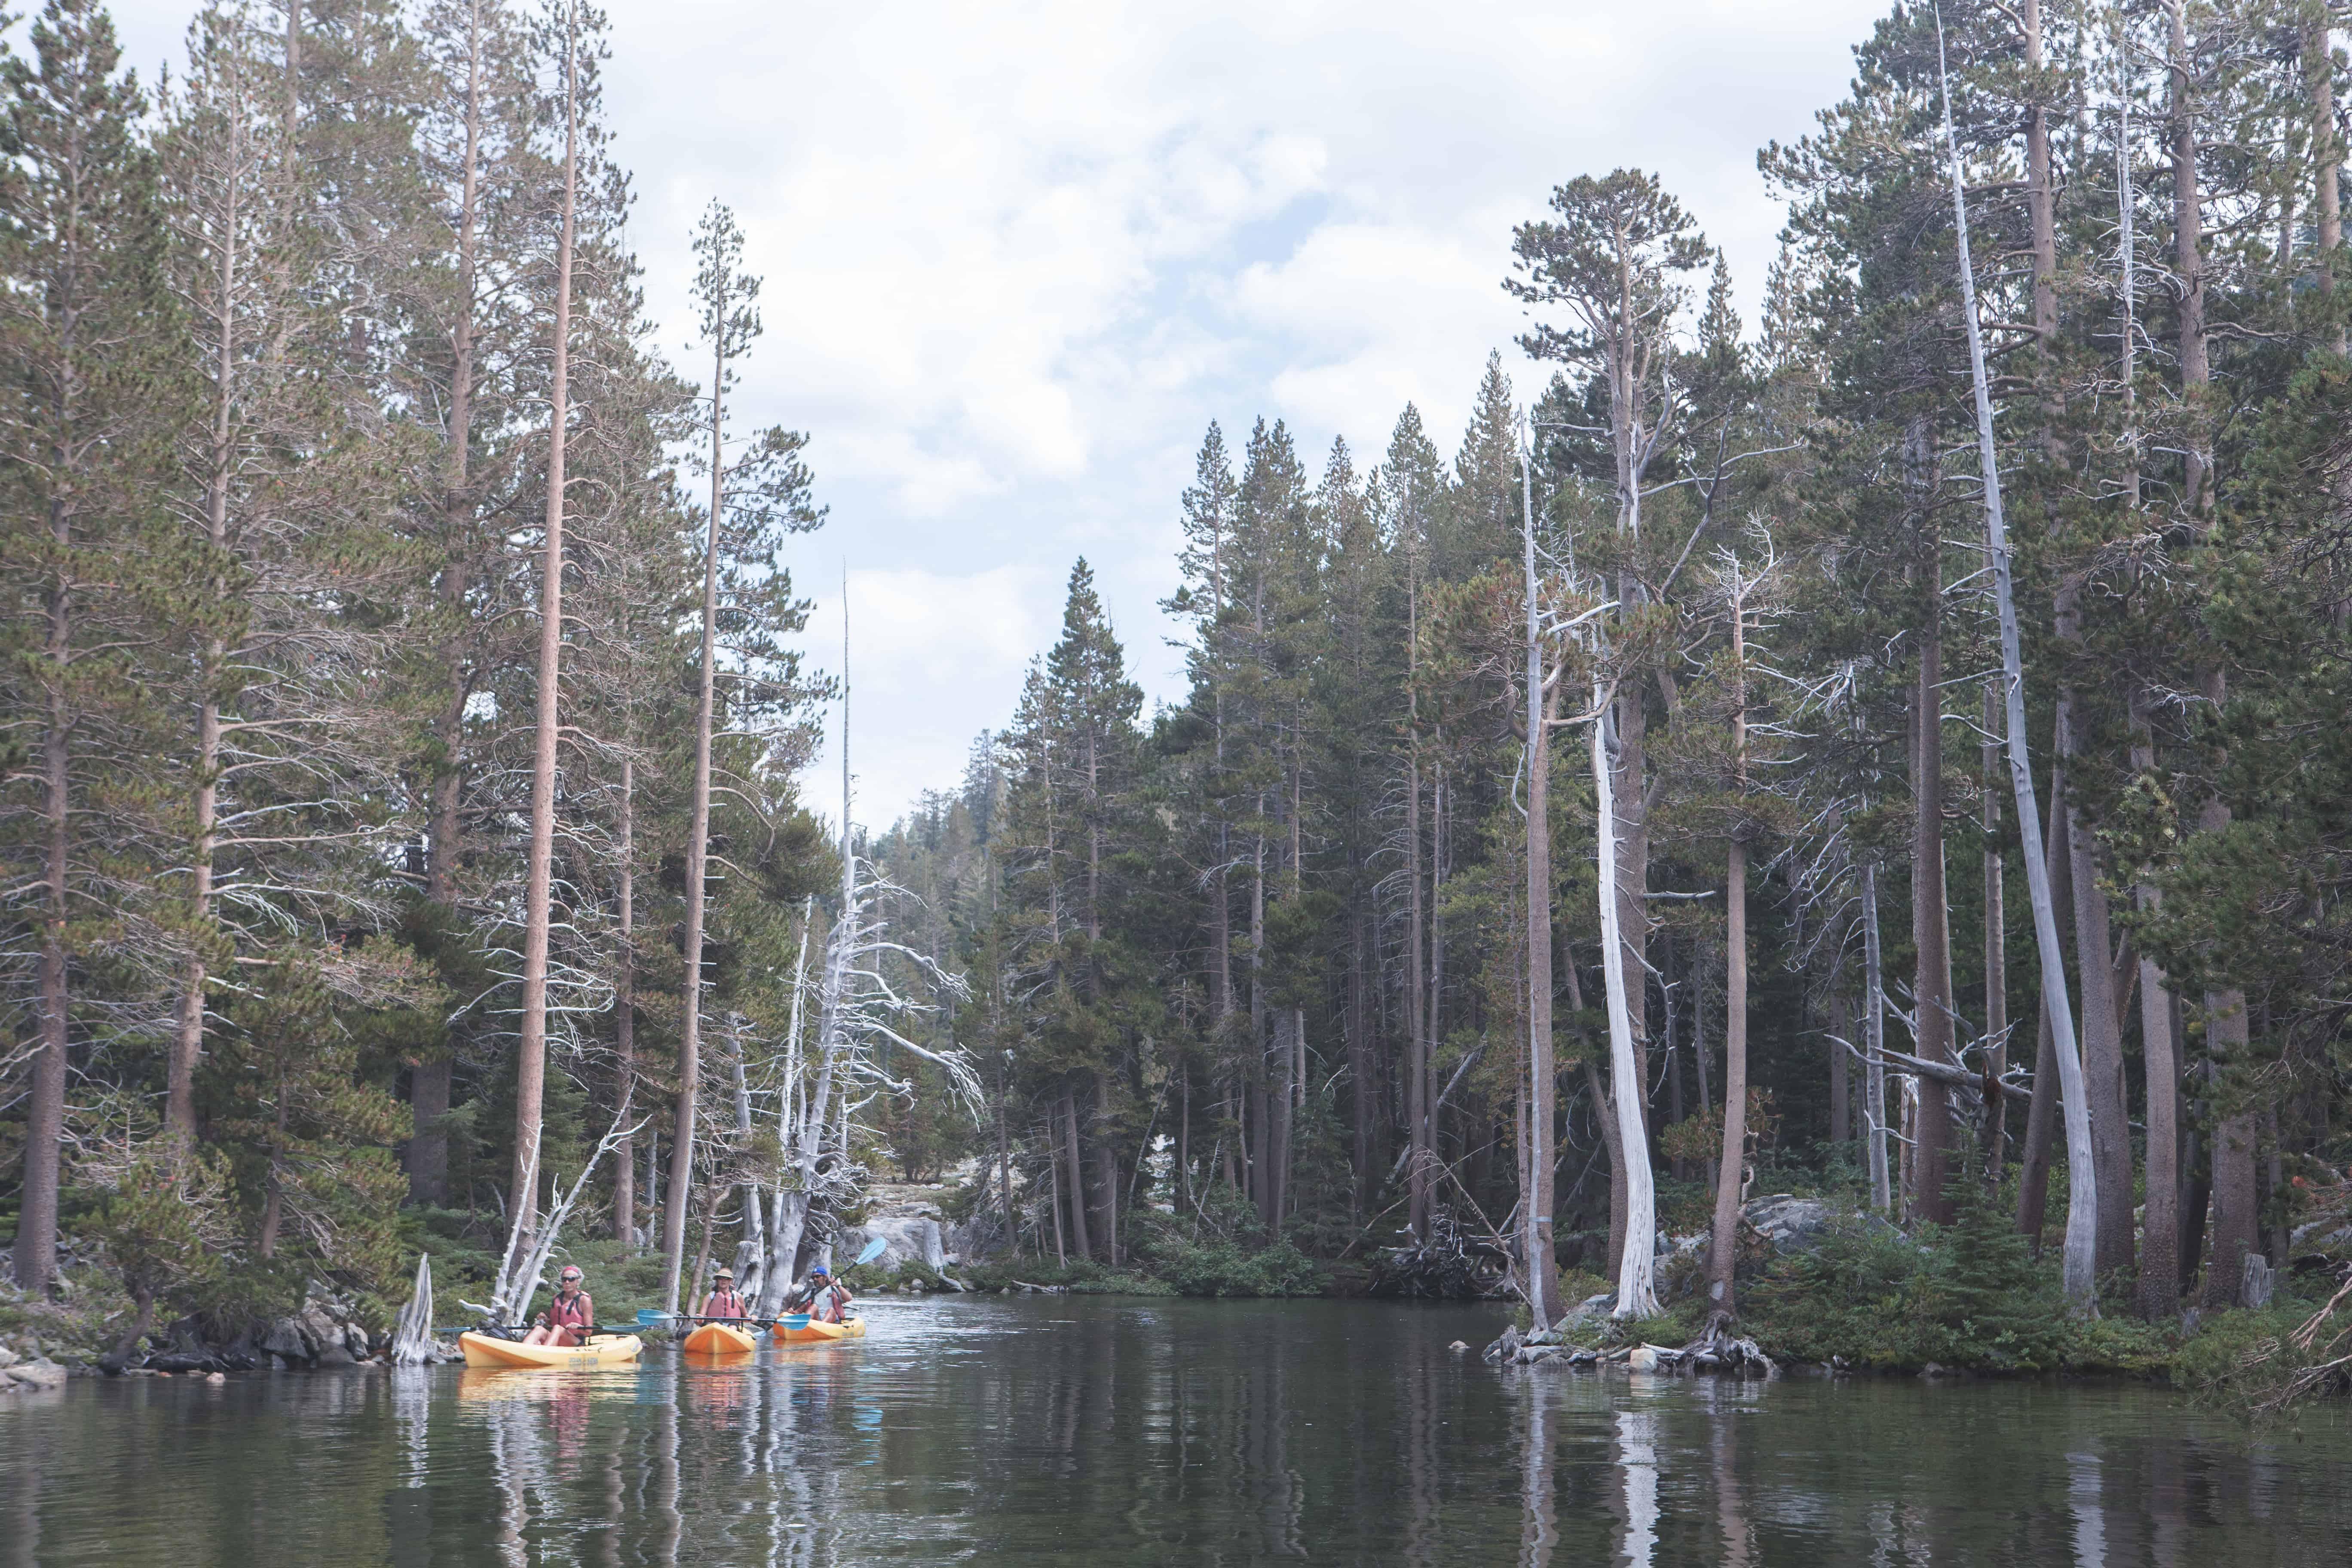 Kayaking through Lake Tahoe is a great way to see the lake!